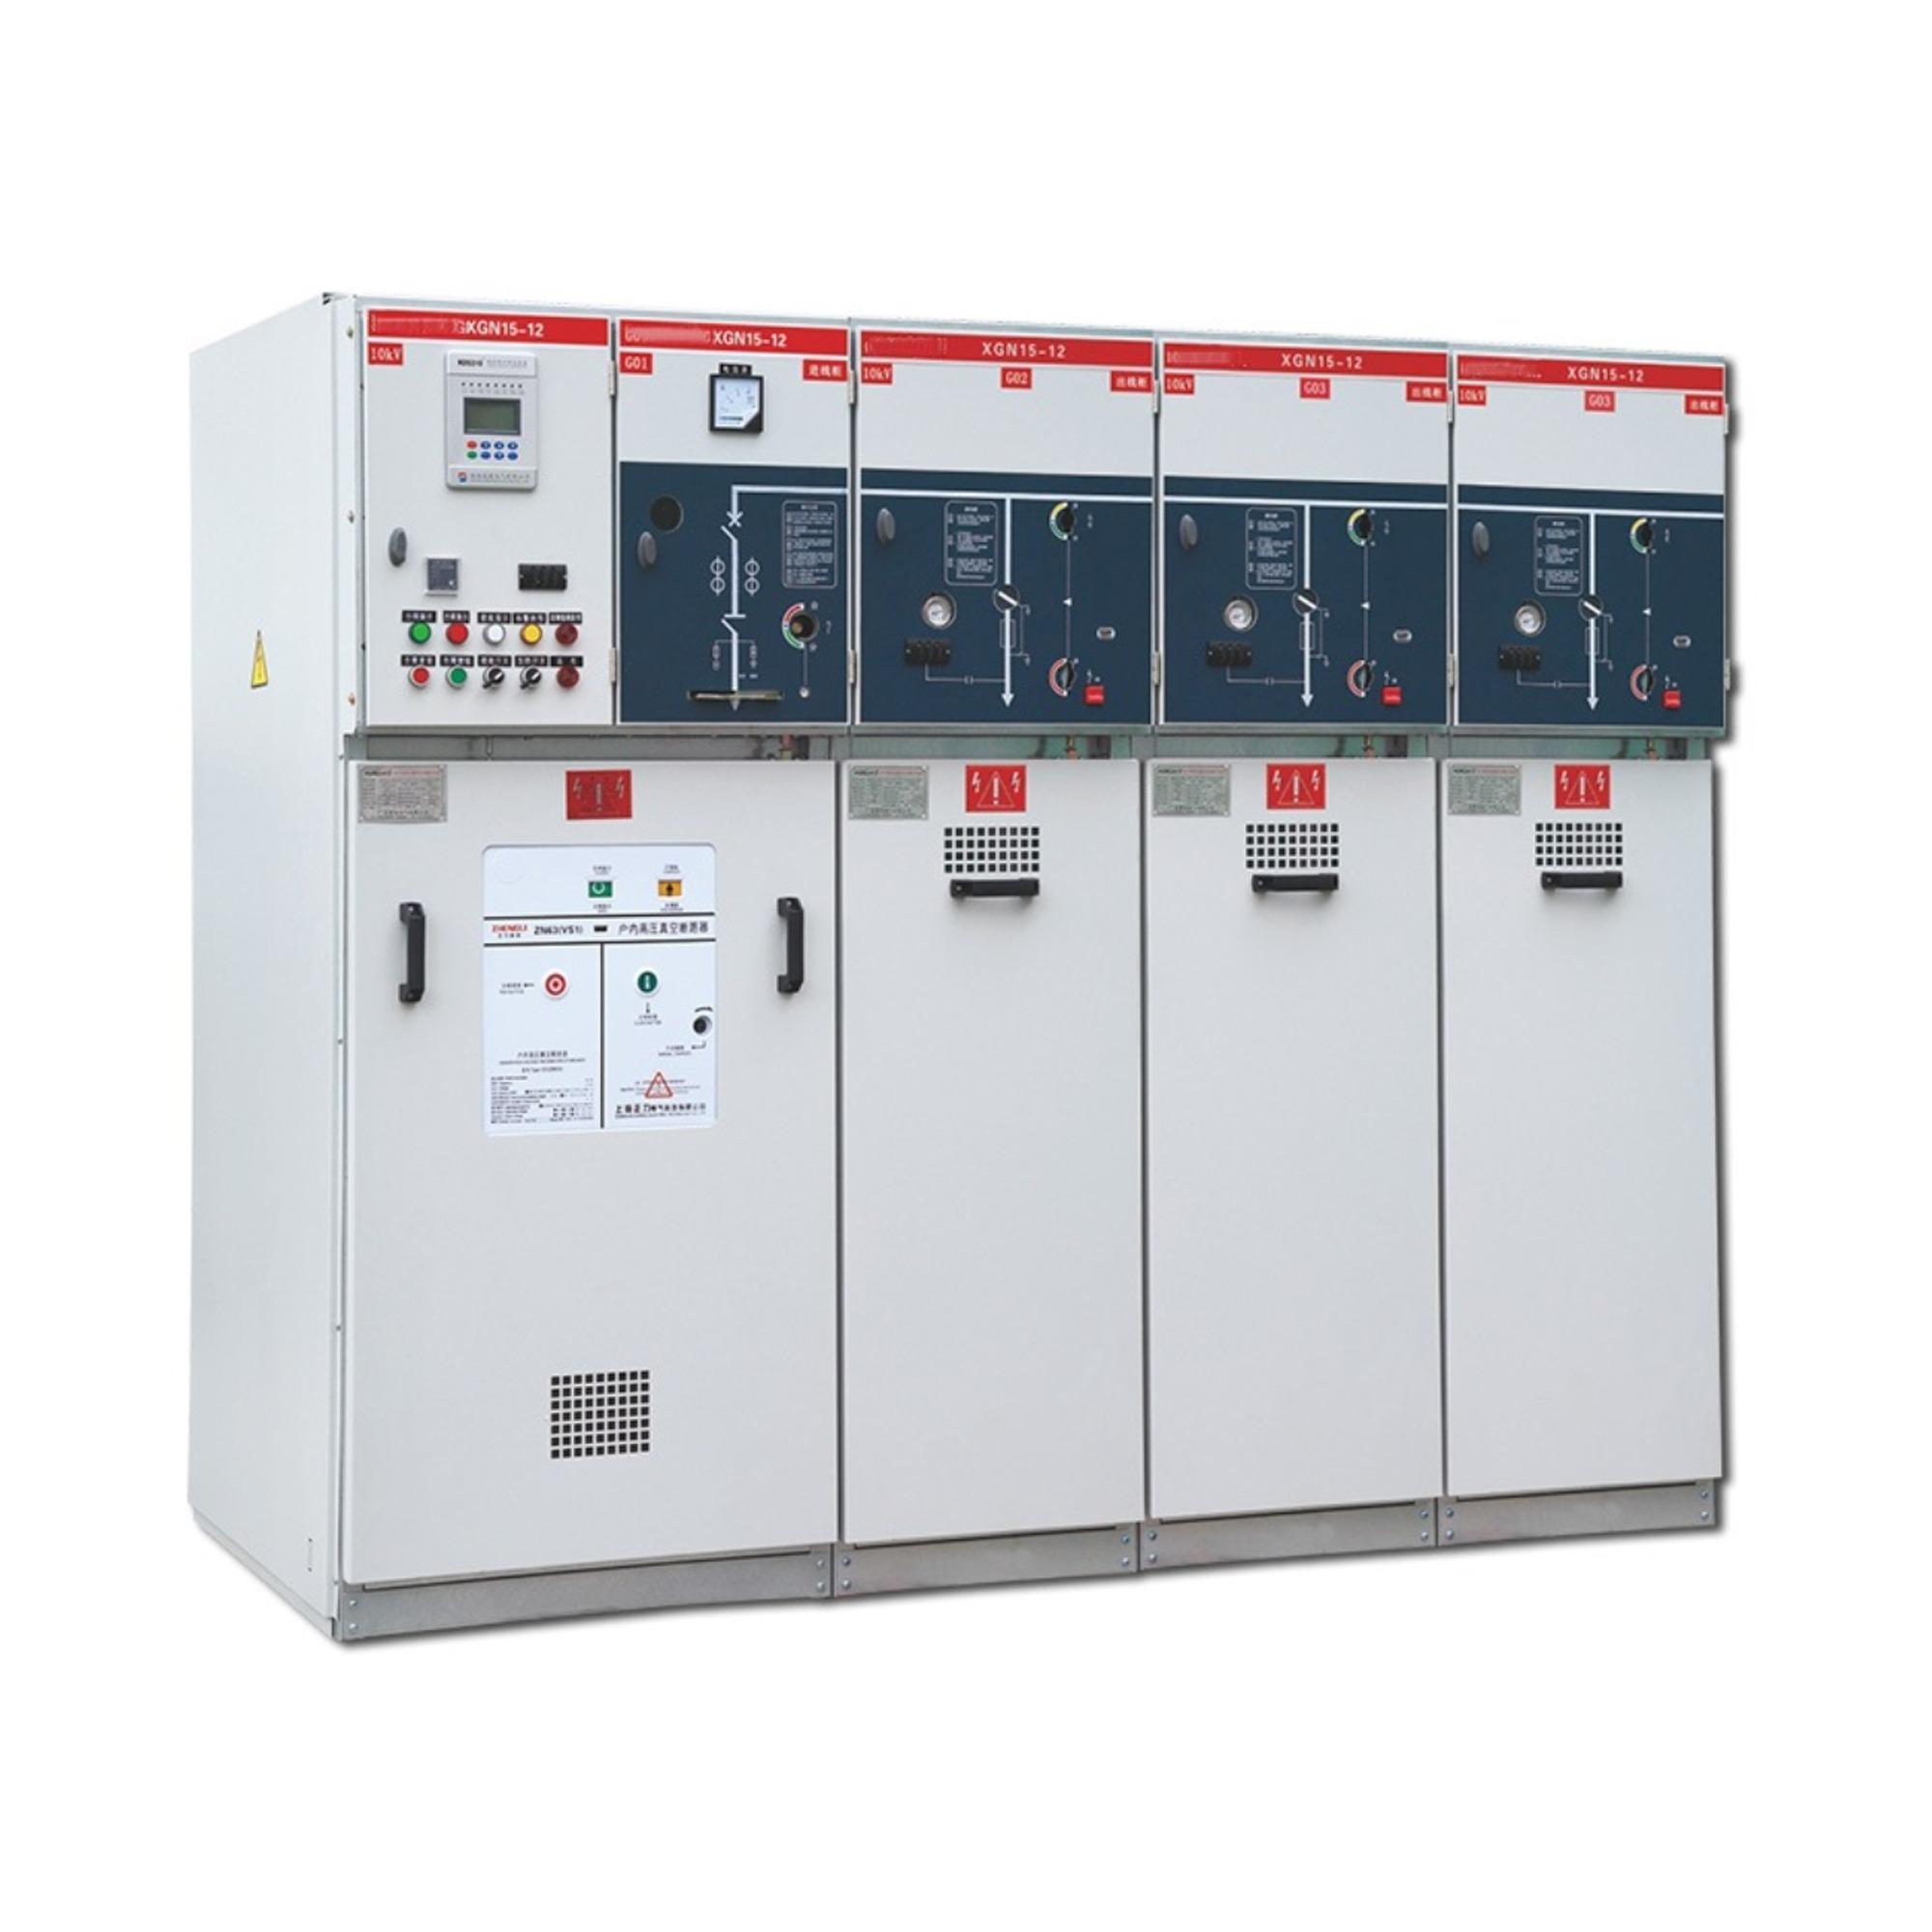 单元式交流金属封闭环网开关设备HXGN15-12(SF6)